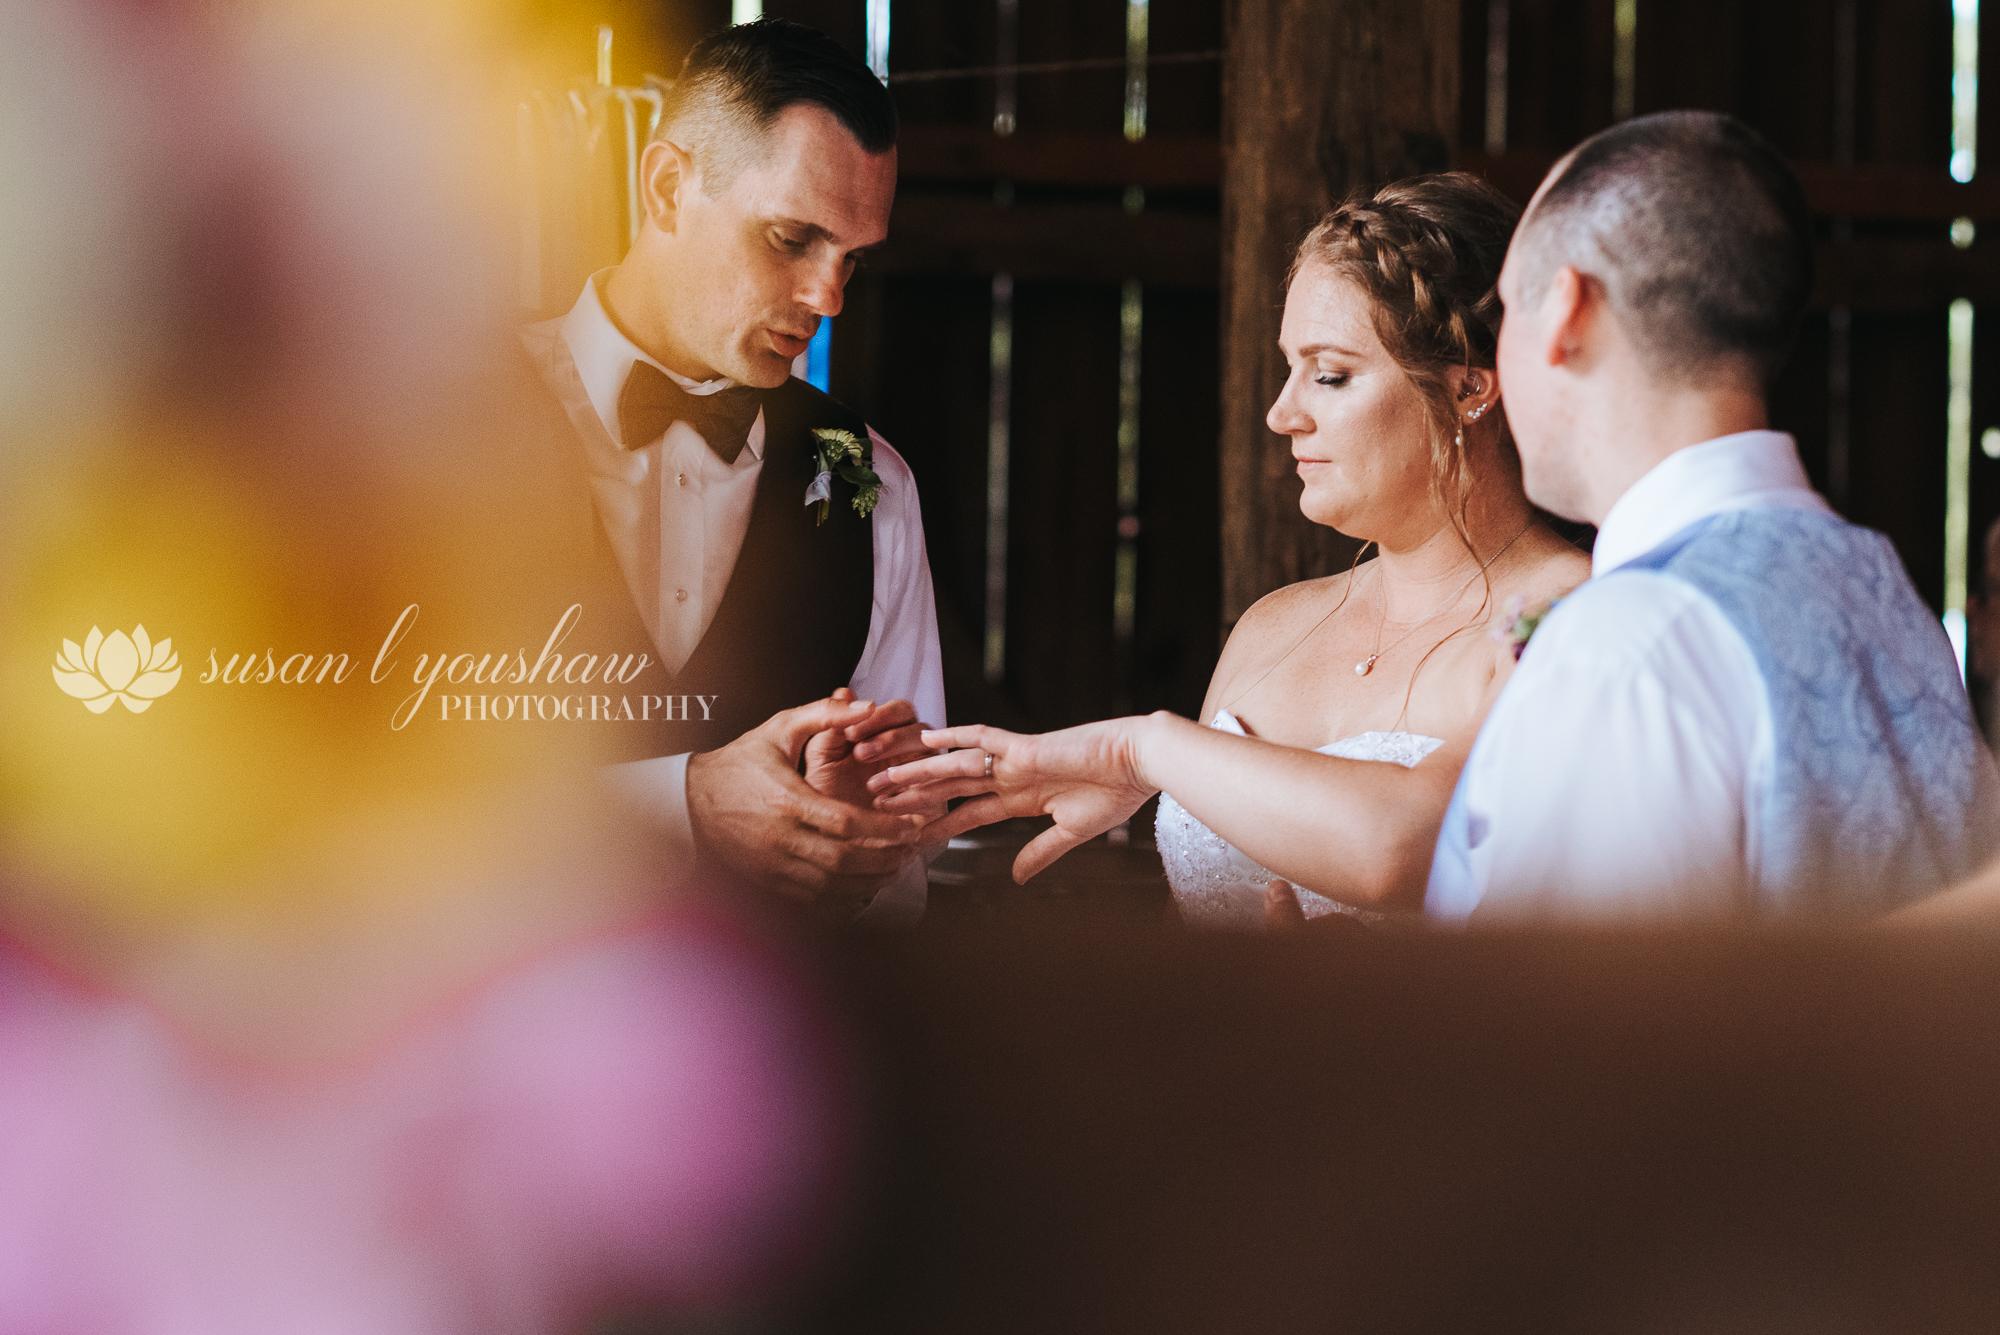 Erin and Jason Wedding Photos 07-06-2019 SLY Photography-120.jpg